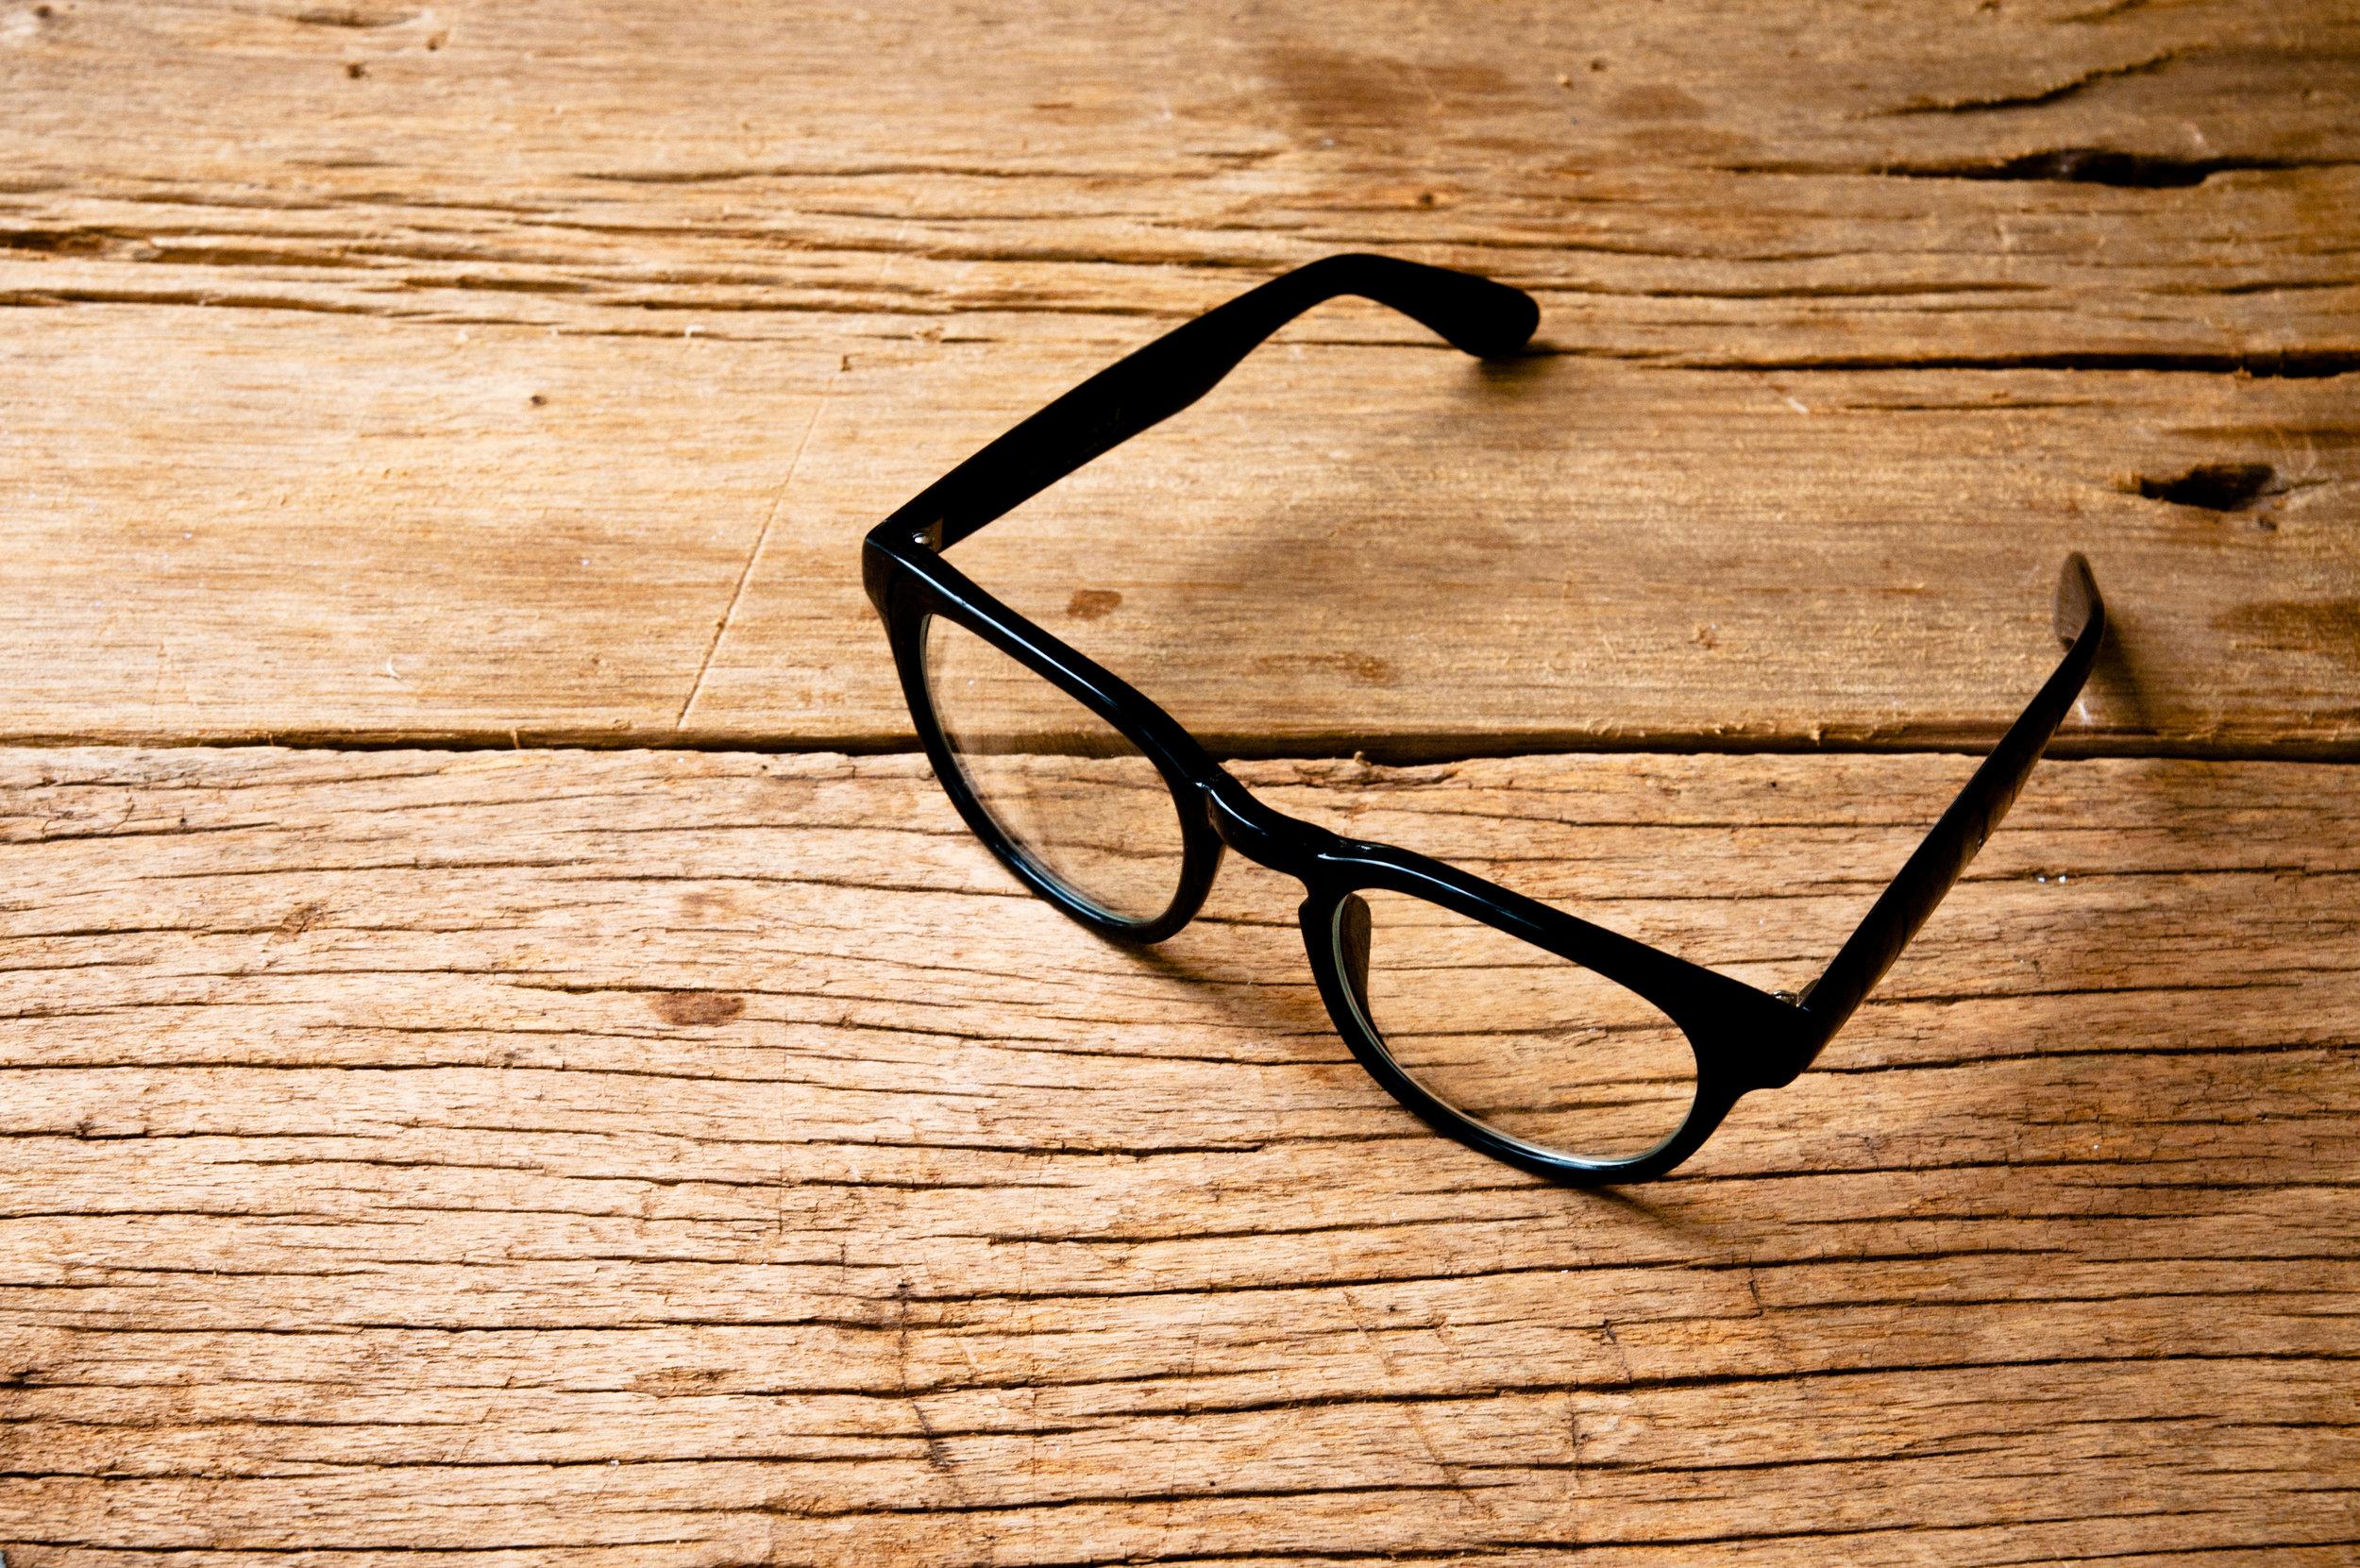 Glasses on wood shutterstock_207522172.jpg